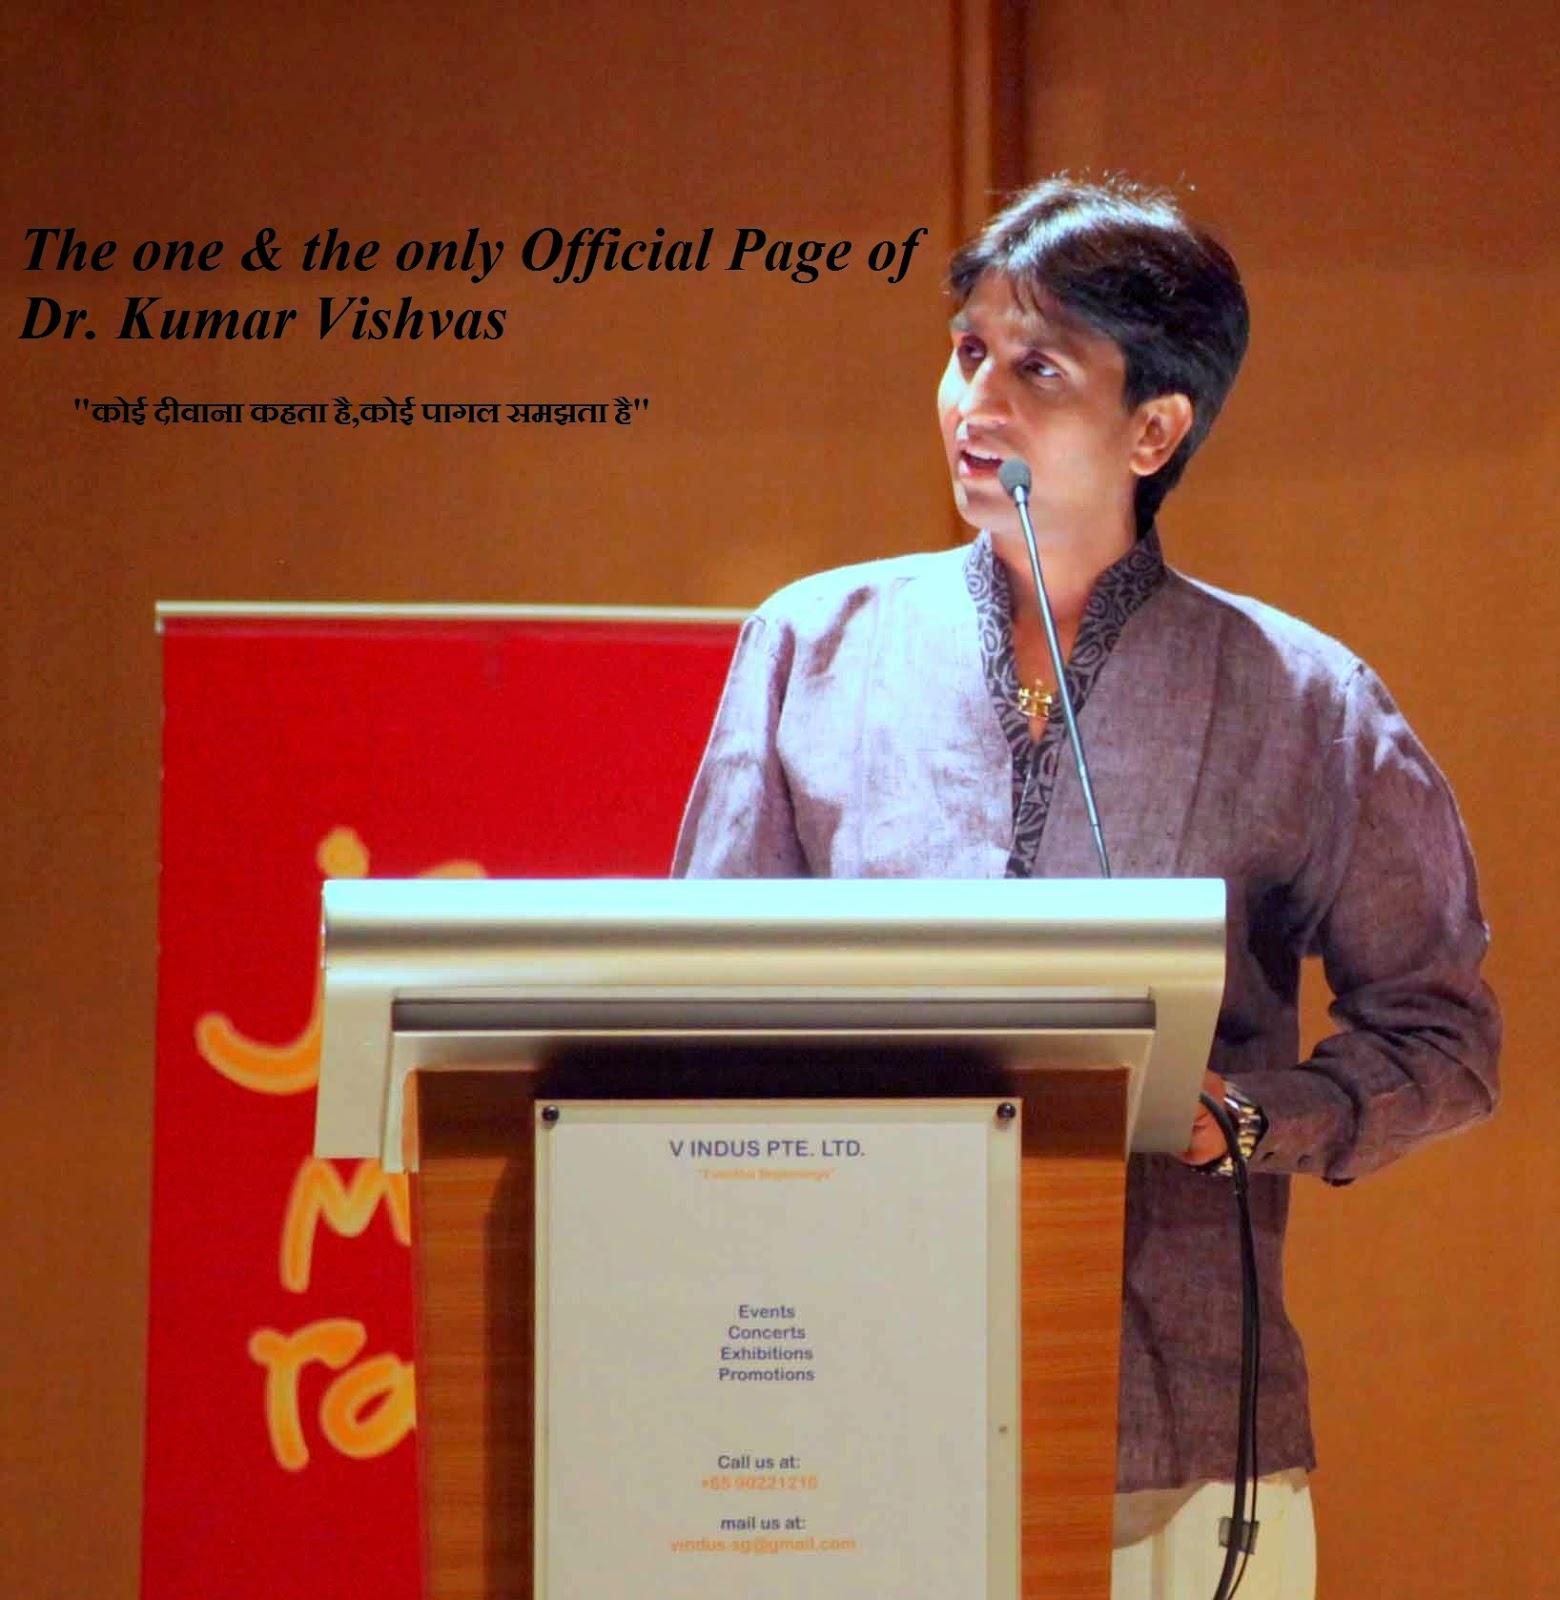 Dr Kumar Vishwas Shayari In Hindi Pdf